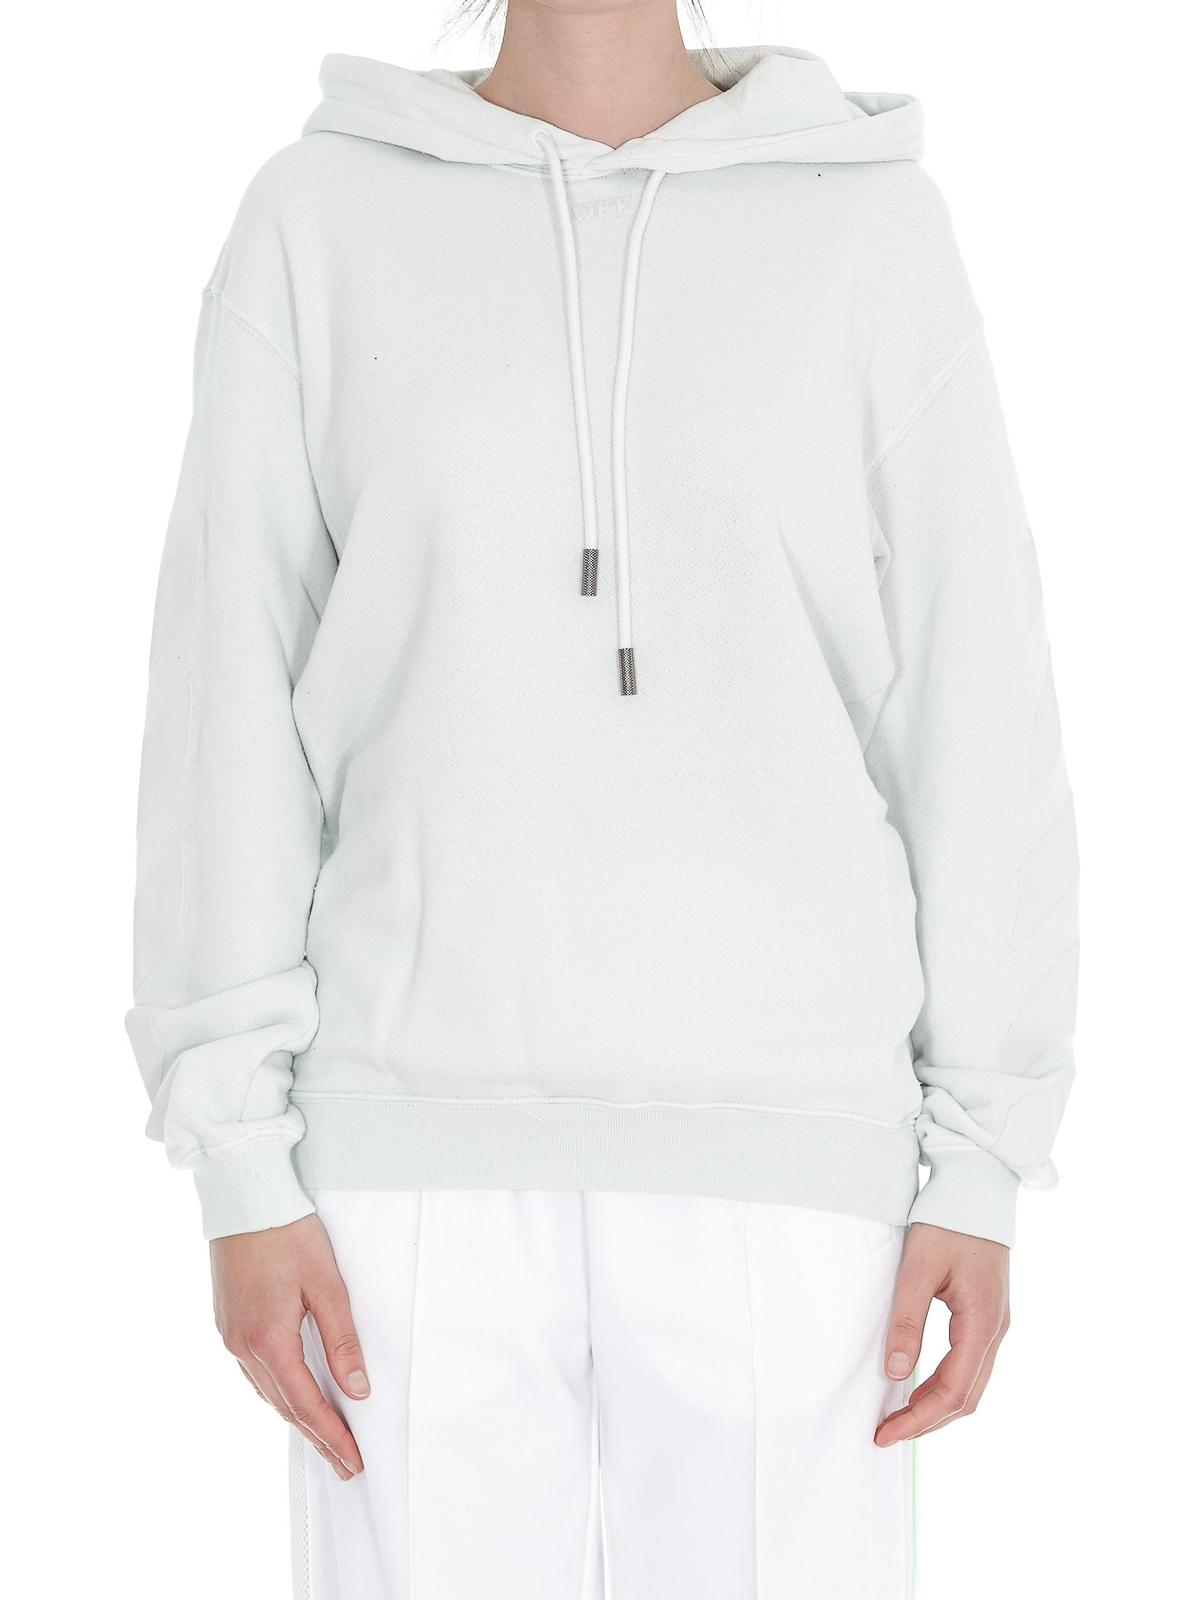 outlet 23377 4bd0e Off-White - Felpa con cappuccio in cotone bianco - Felpe e ...